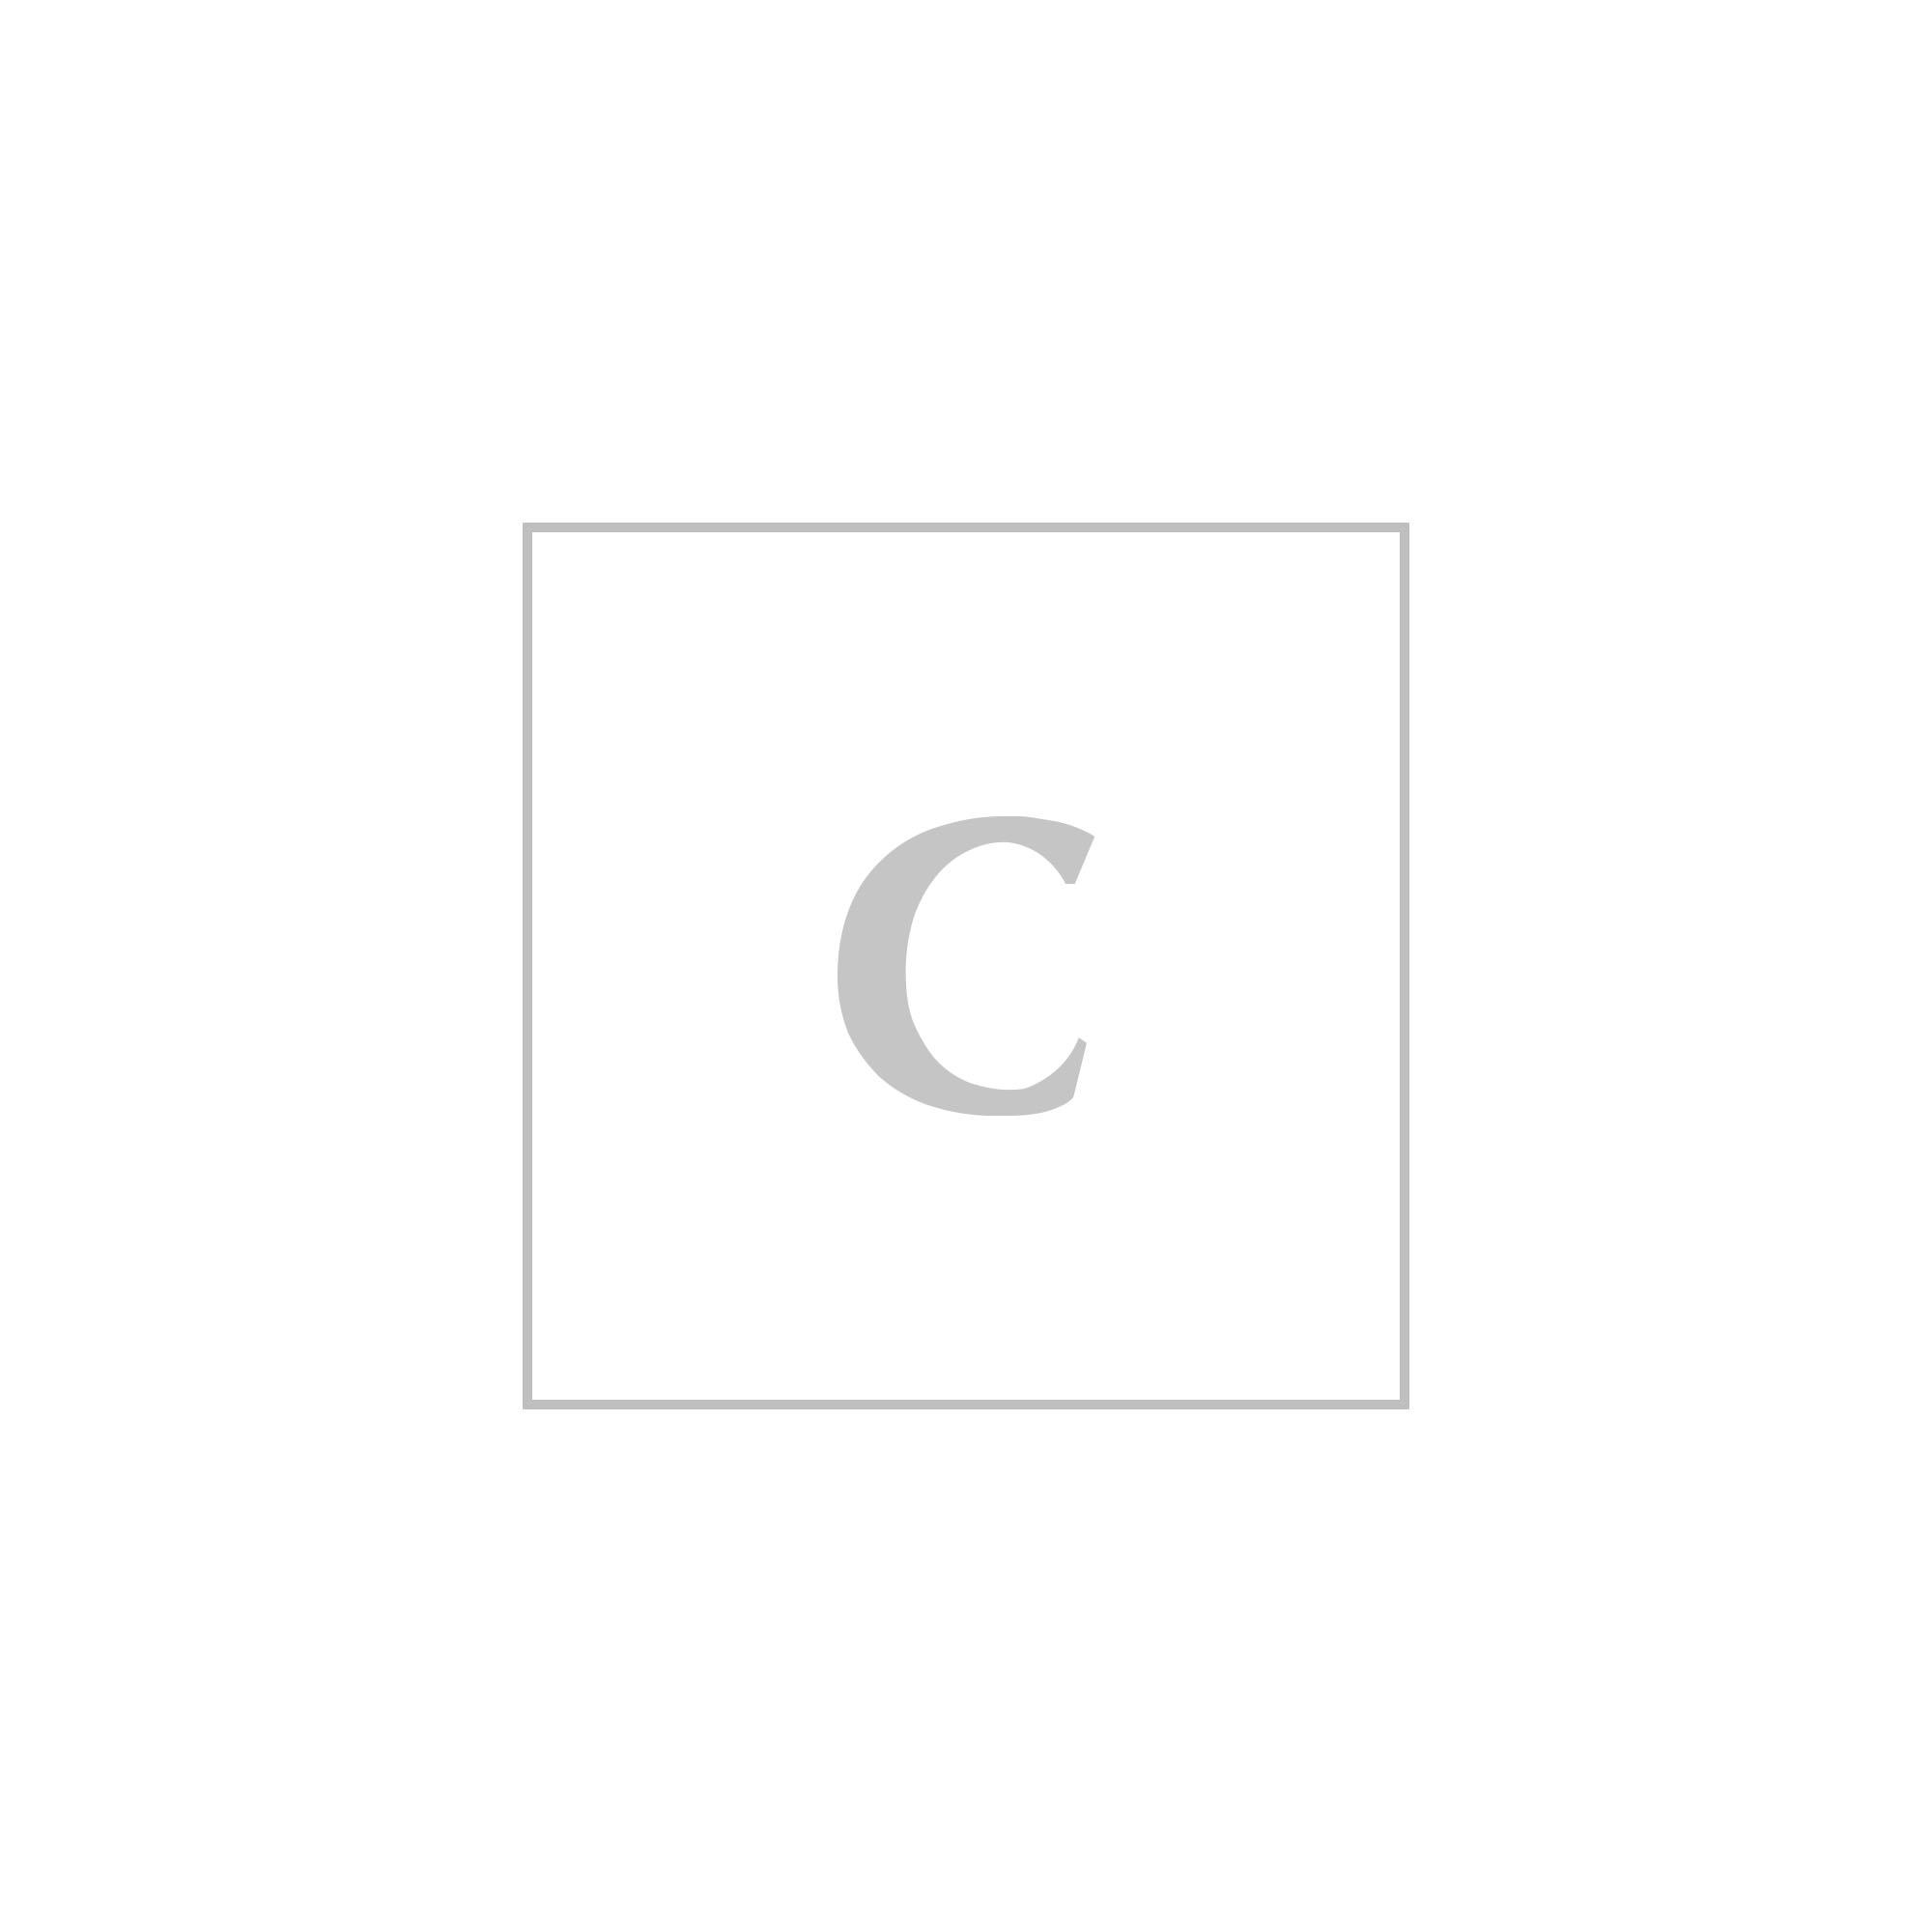 Moncler gamme rouge/bleu giaccone doreen